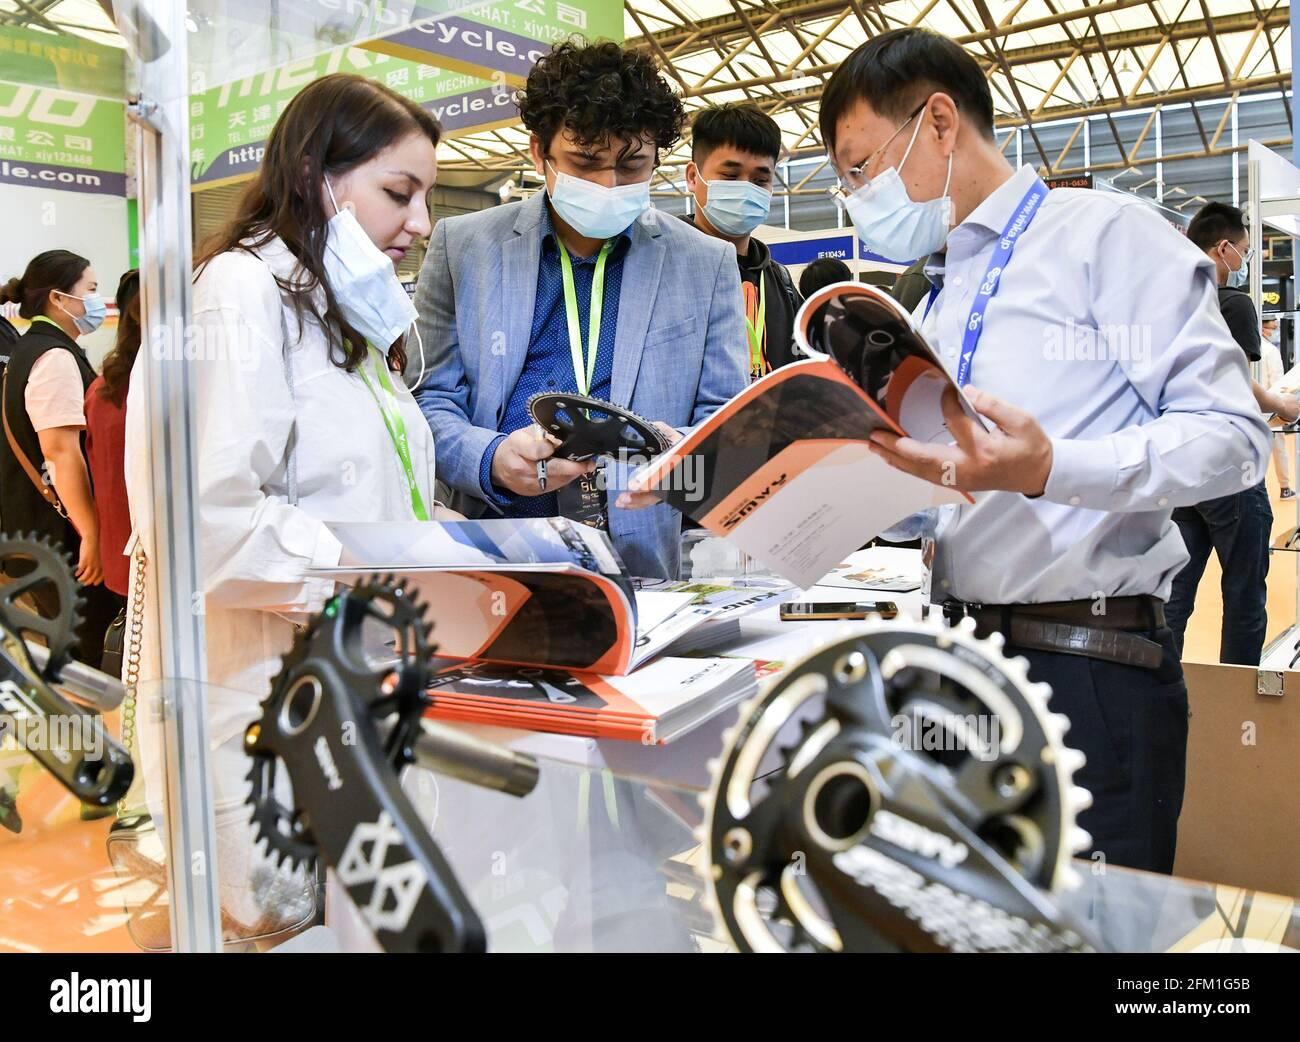 Shanghai. 5 mai 2021. Des clients étrangers négocient avec un exposant de vélo lors de la 30e China International Bicycle Fair dans l'est de la Chine Shanghai, le 5 mai 2021. L'événement de quatre jours a débuté mercredi, attirant plus de 1,000 entreprises à y participer. Credit: Li He/Xinhua/Alay Live News Banque D'Images